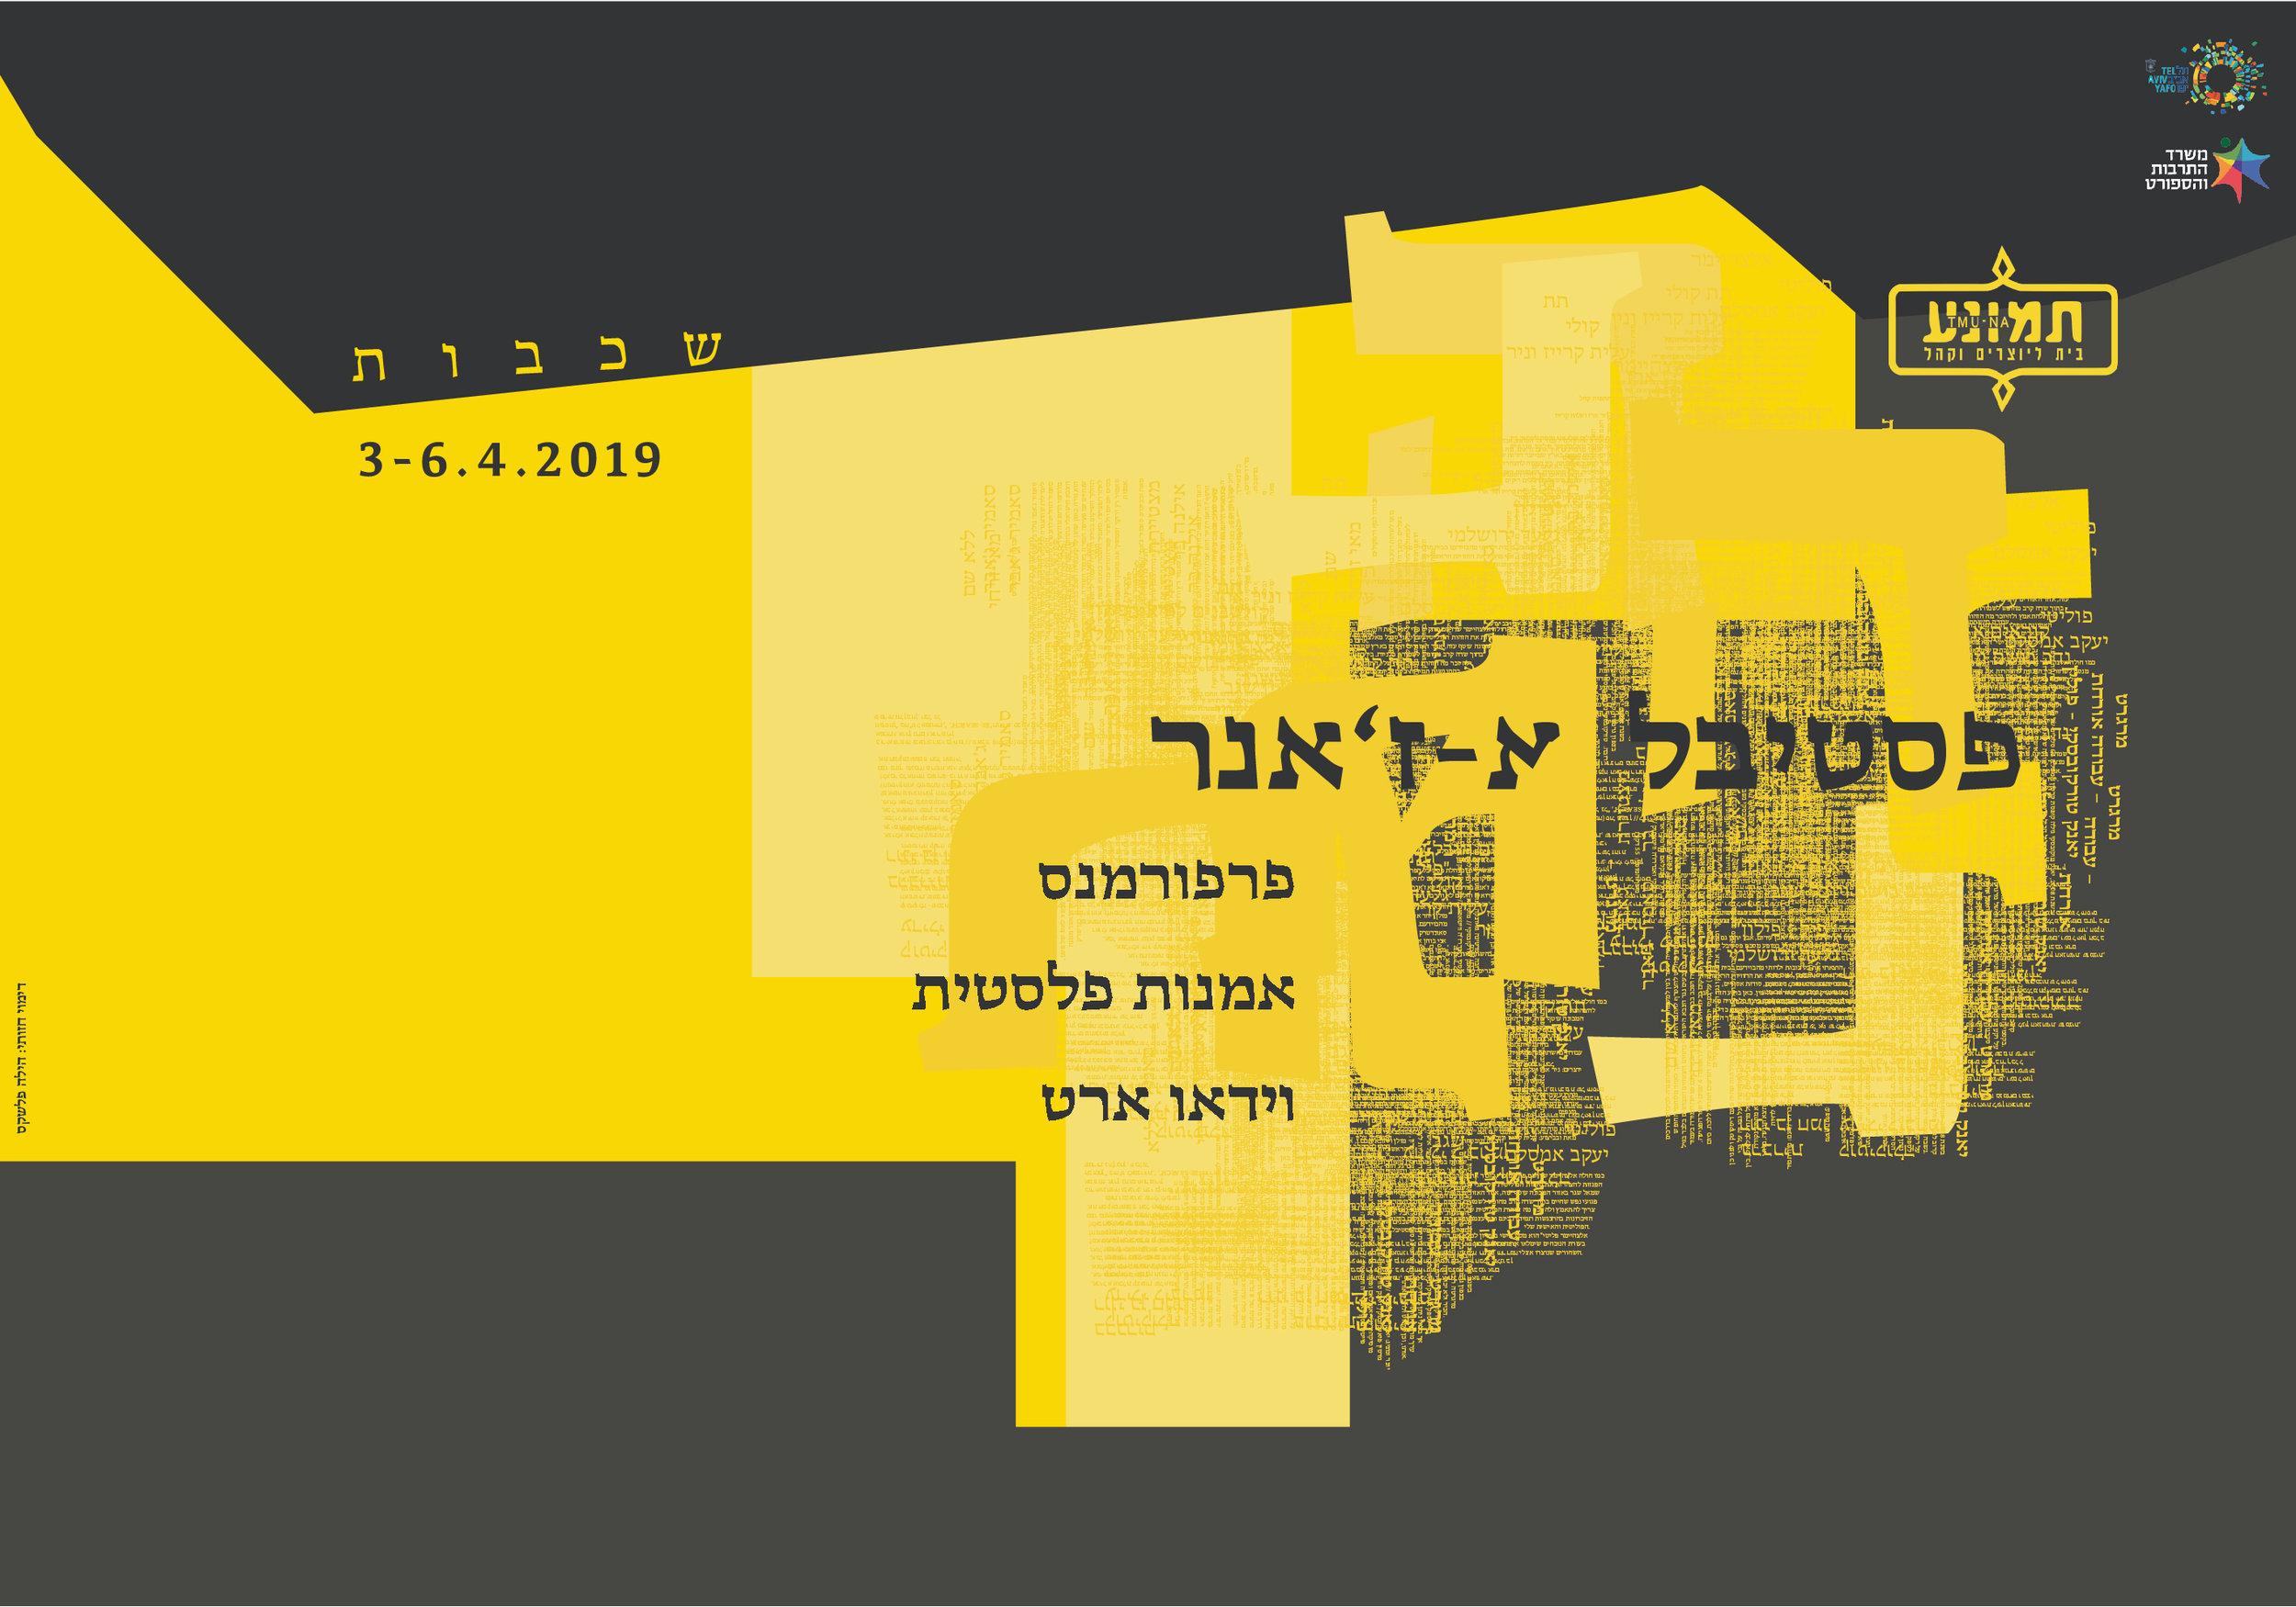 פוסטר צהוב-01.jpg